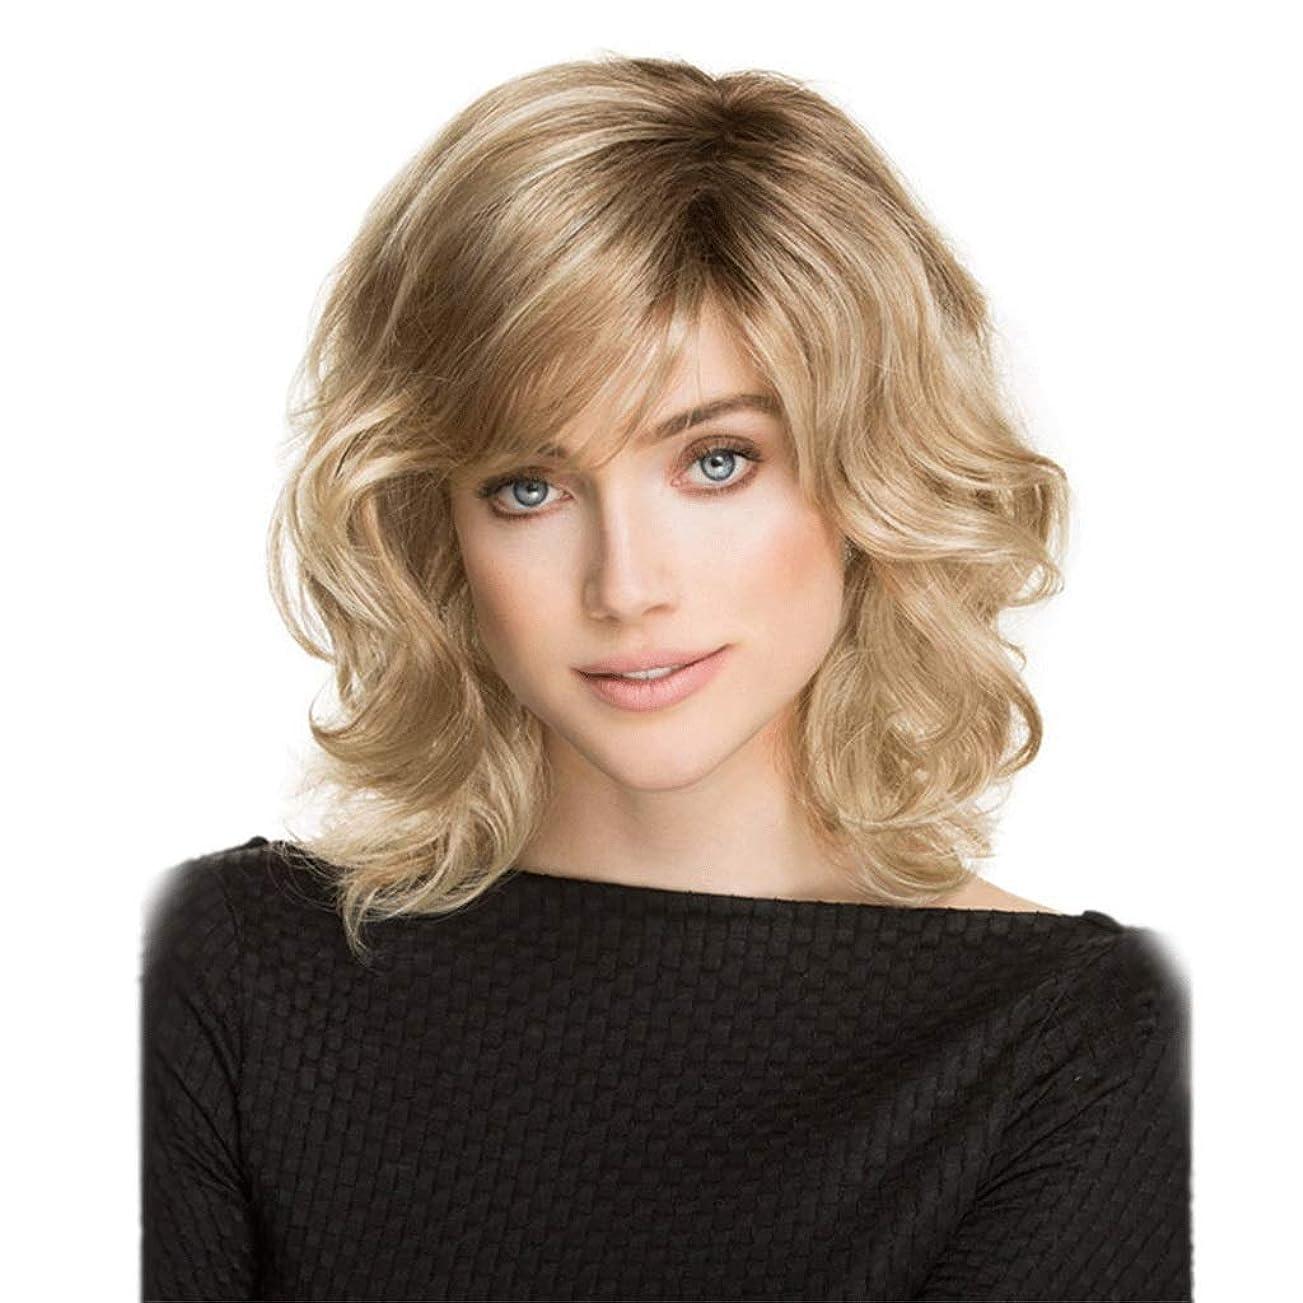 ふける開拓者欲望女性のための短いボブのブロンドの巻き毛のかつら、人工毛の濃い根のイギリスの自然な見ること (色 : Blond)